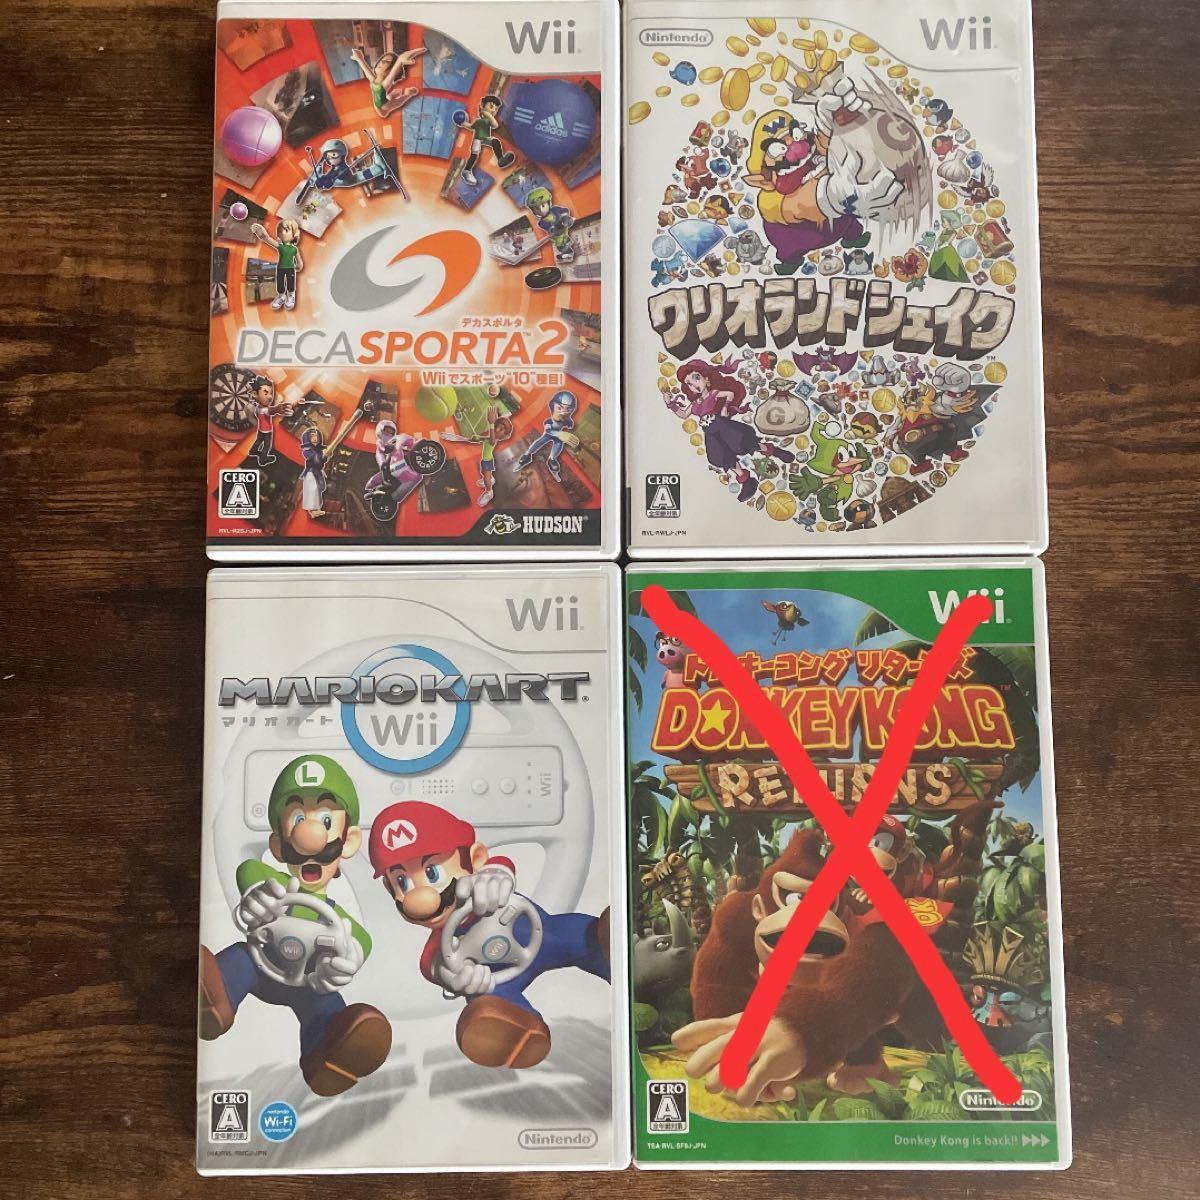 マリオカートWii ワリオランドシェイク デカスポルタ2 Wiiソフト ニンテンドーWii